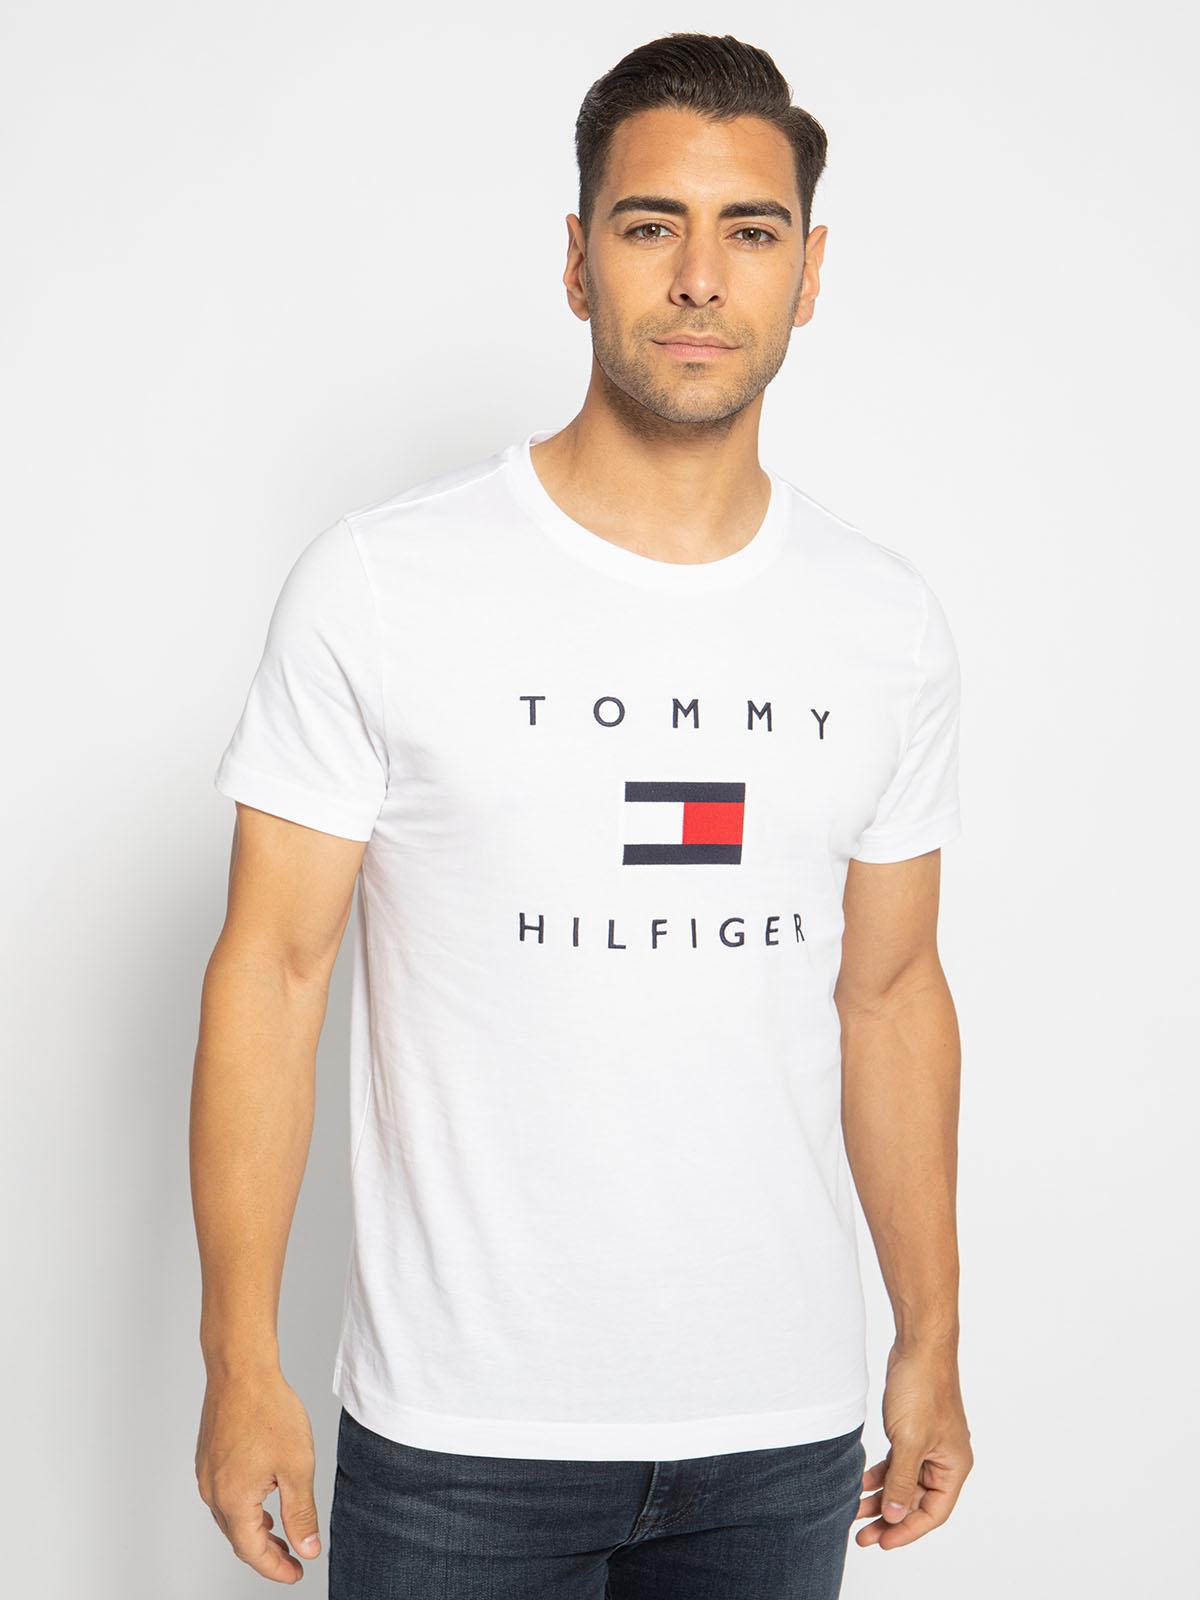 Tommy Hilfiger T-Shirt in weiss für Herren, Größe: XL. Tommy Flag Hilfiger Tee